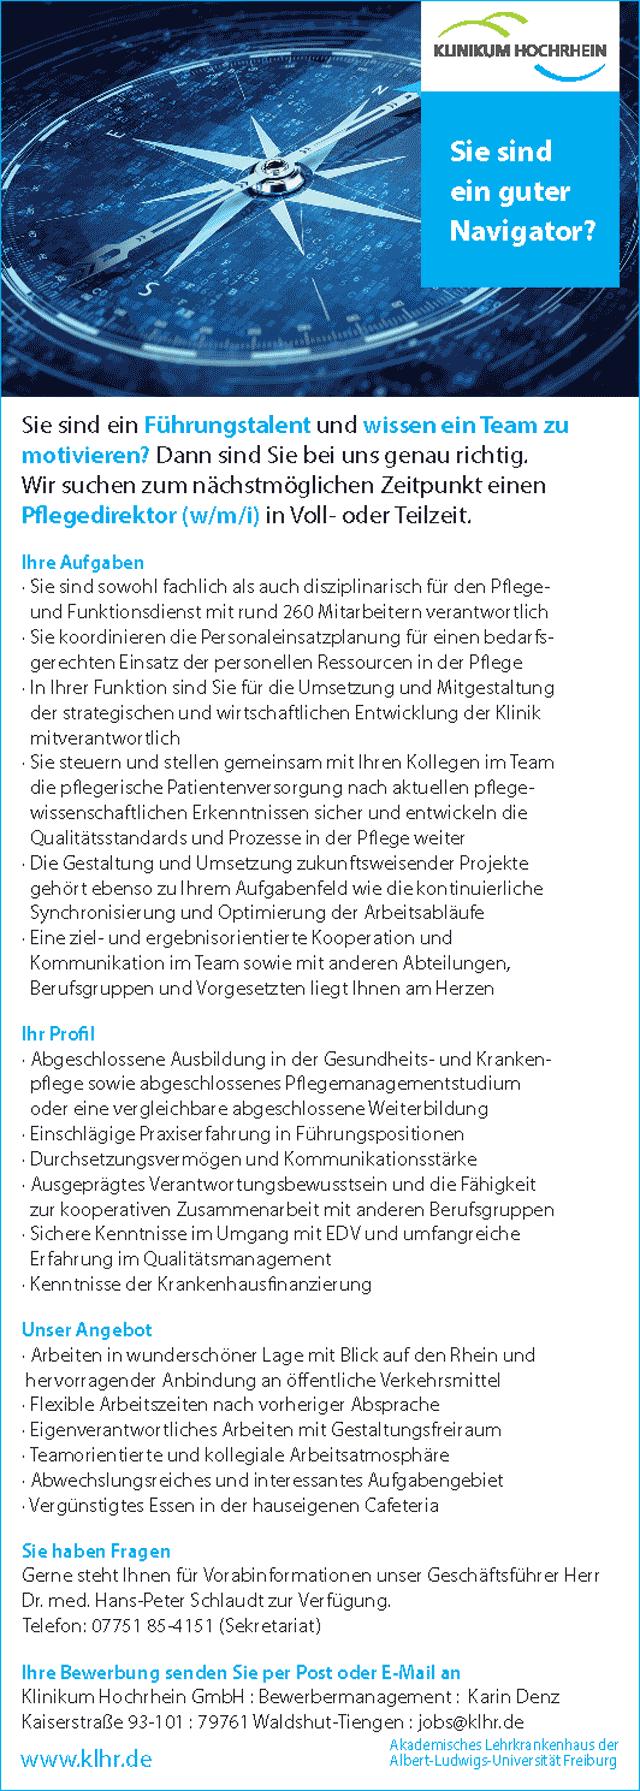 Spitäler Hochrhein GmbH, Waldshut-Tiengen: Pflegedirektor (w/m/i)